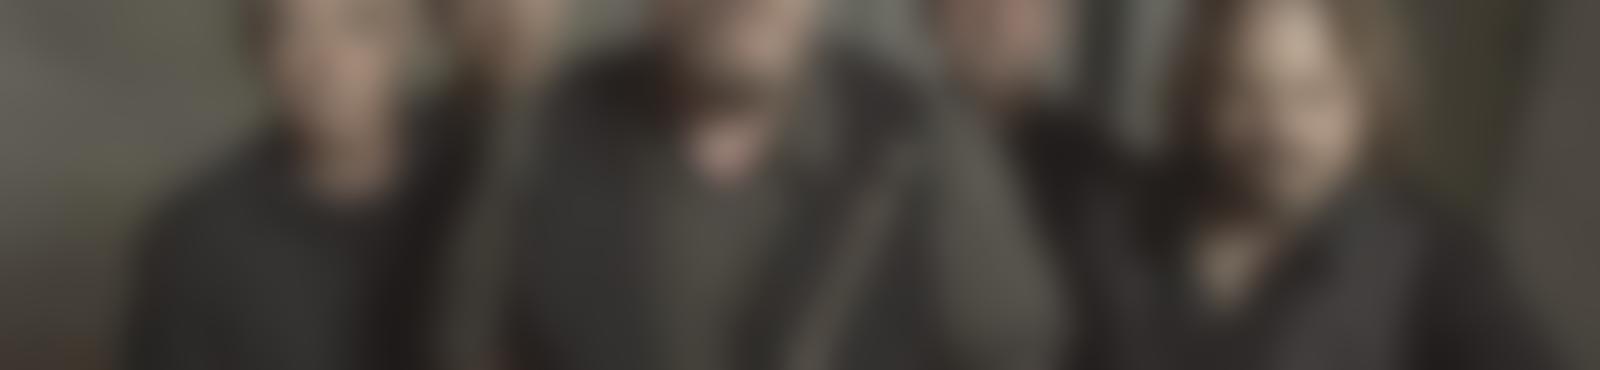 Blurred f0ad121c 7e20 4b12 b74b 0a135288dbf4